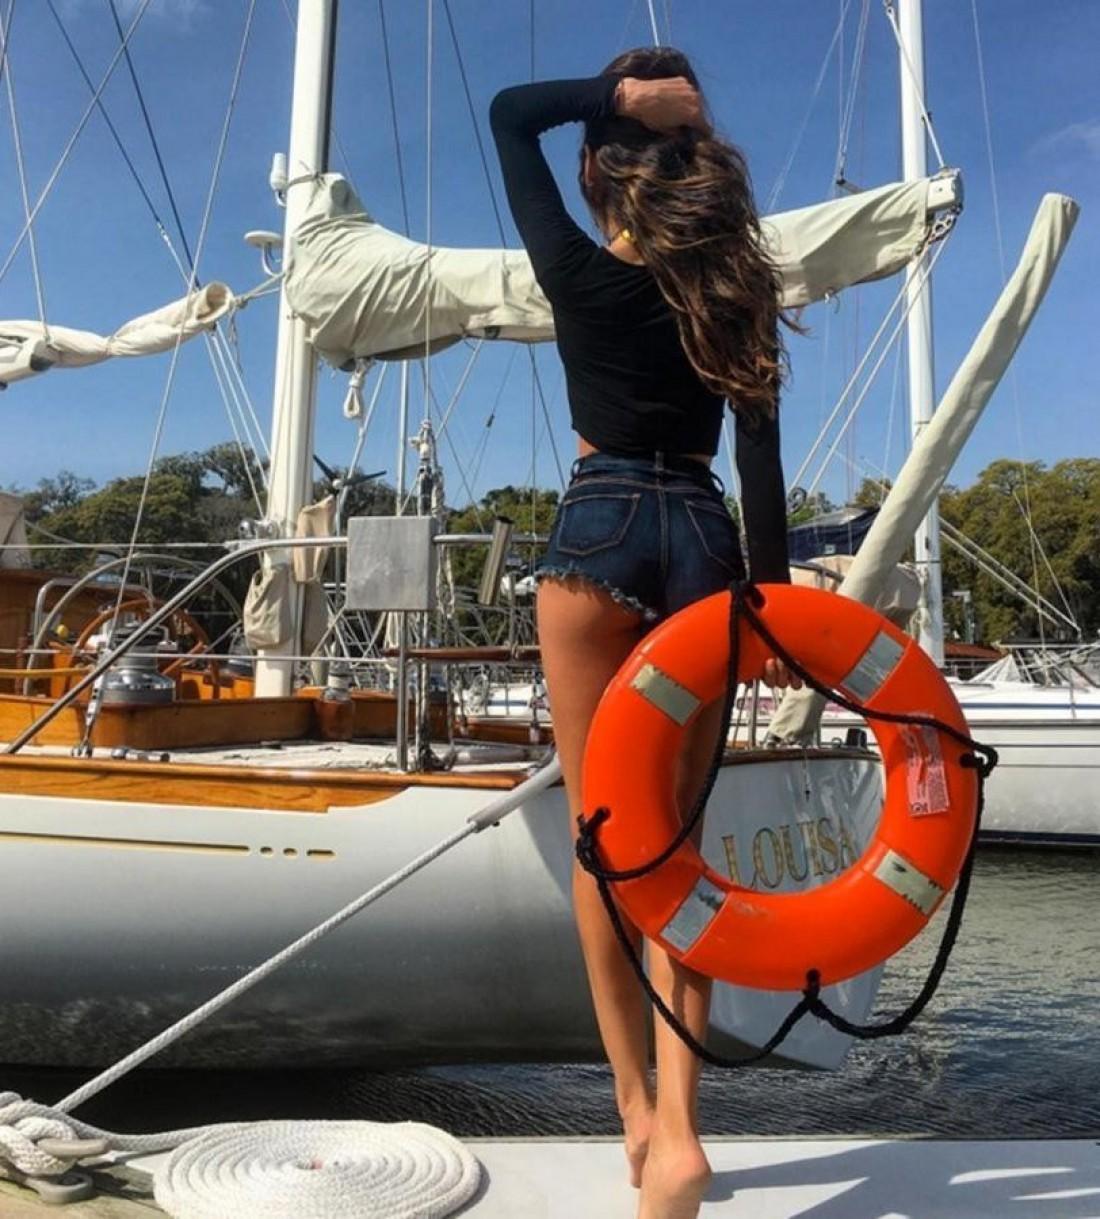 Изабель Гулар и яхта Louisa